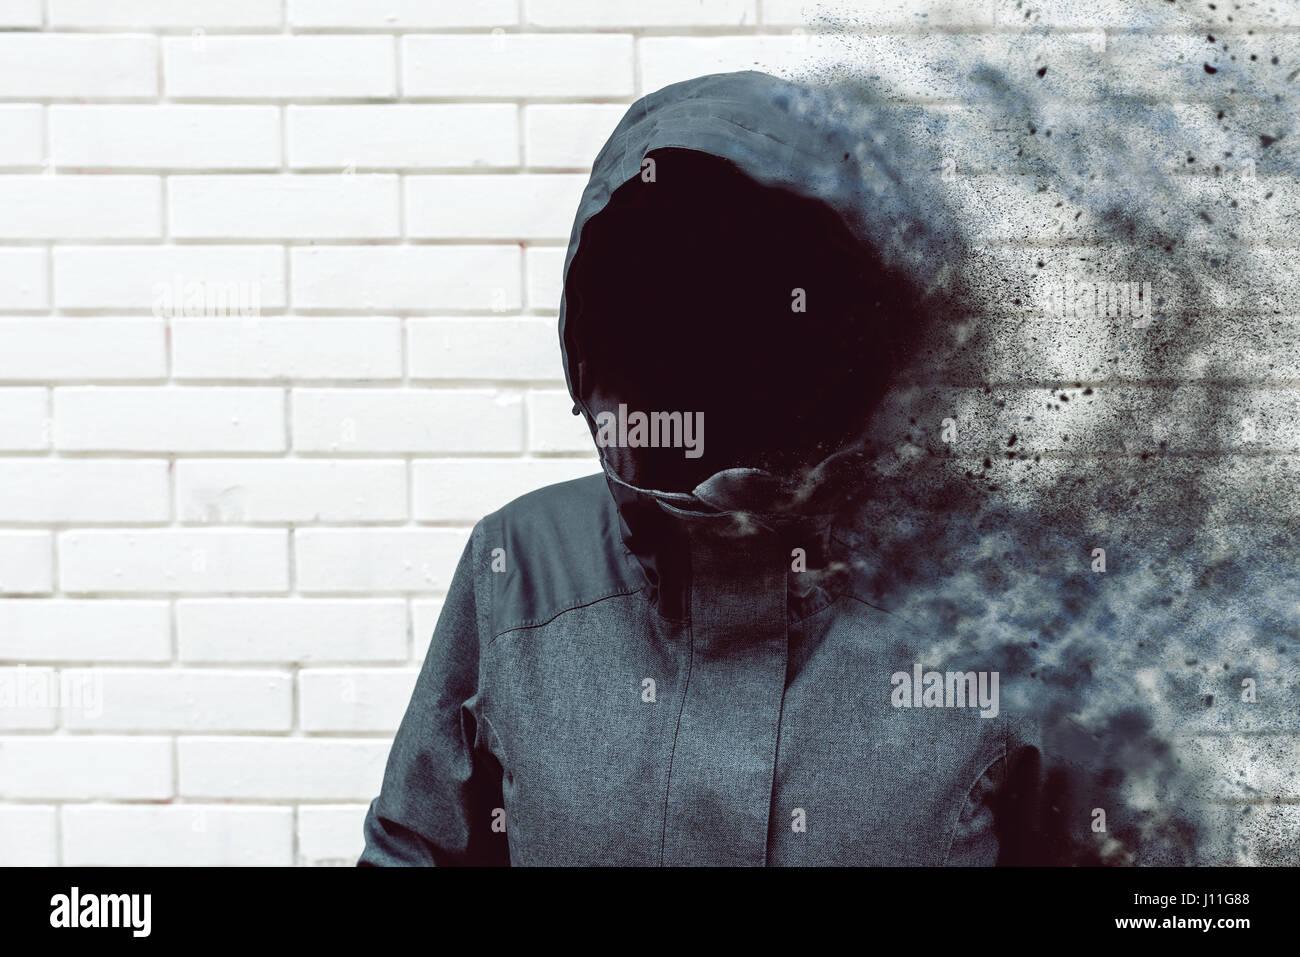 Pensando soplar de la mente pensamientos, sin rostro encapuchado persona contra la pared de ladrillo blanco. Imagen De Stock